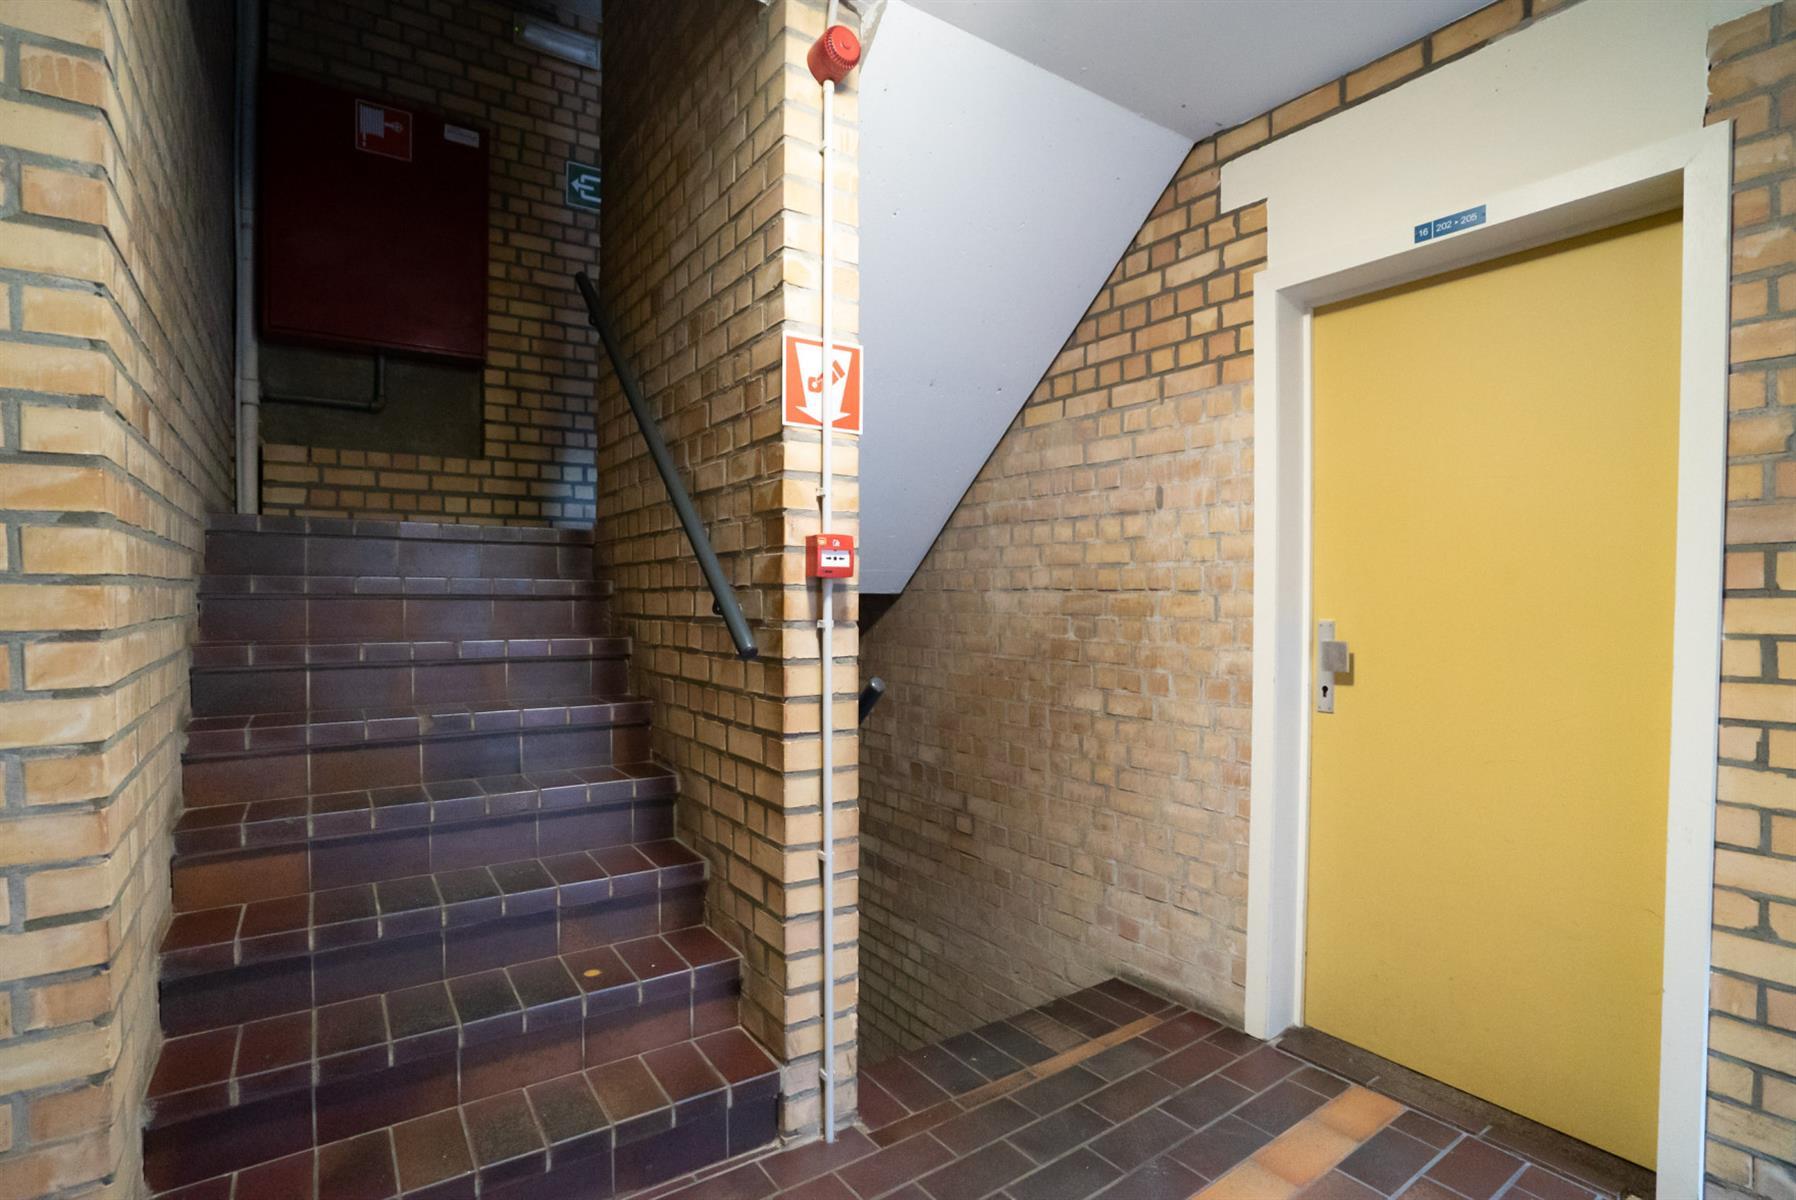 Appartement - Ottignies-Louvain-la-Neuve Louvain-la-Neuve - #4208592-15